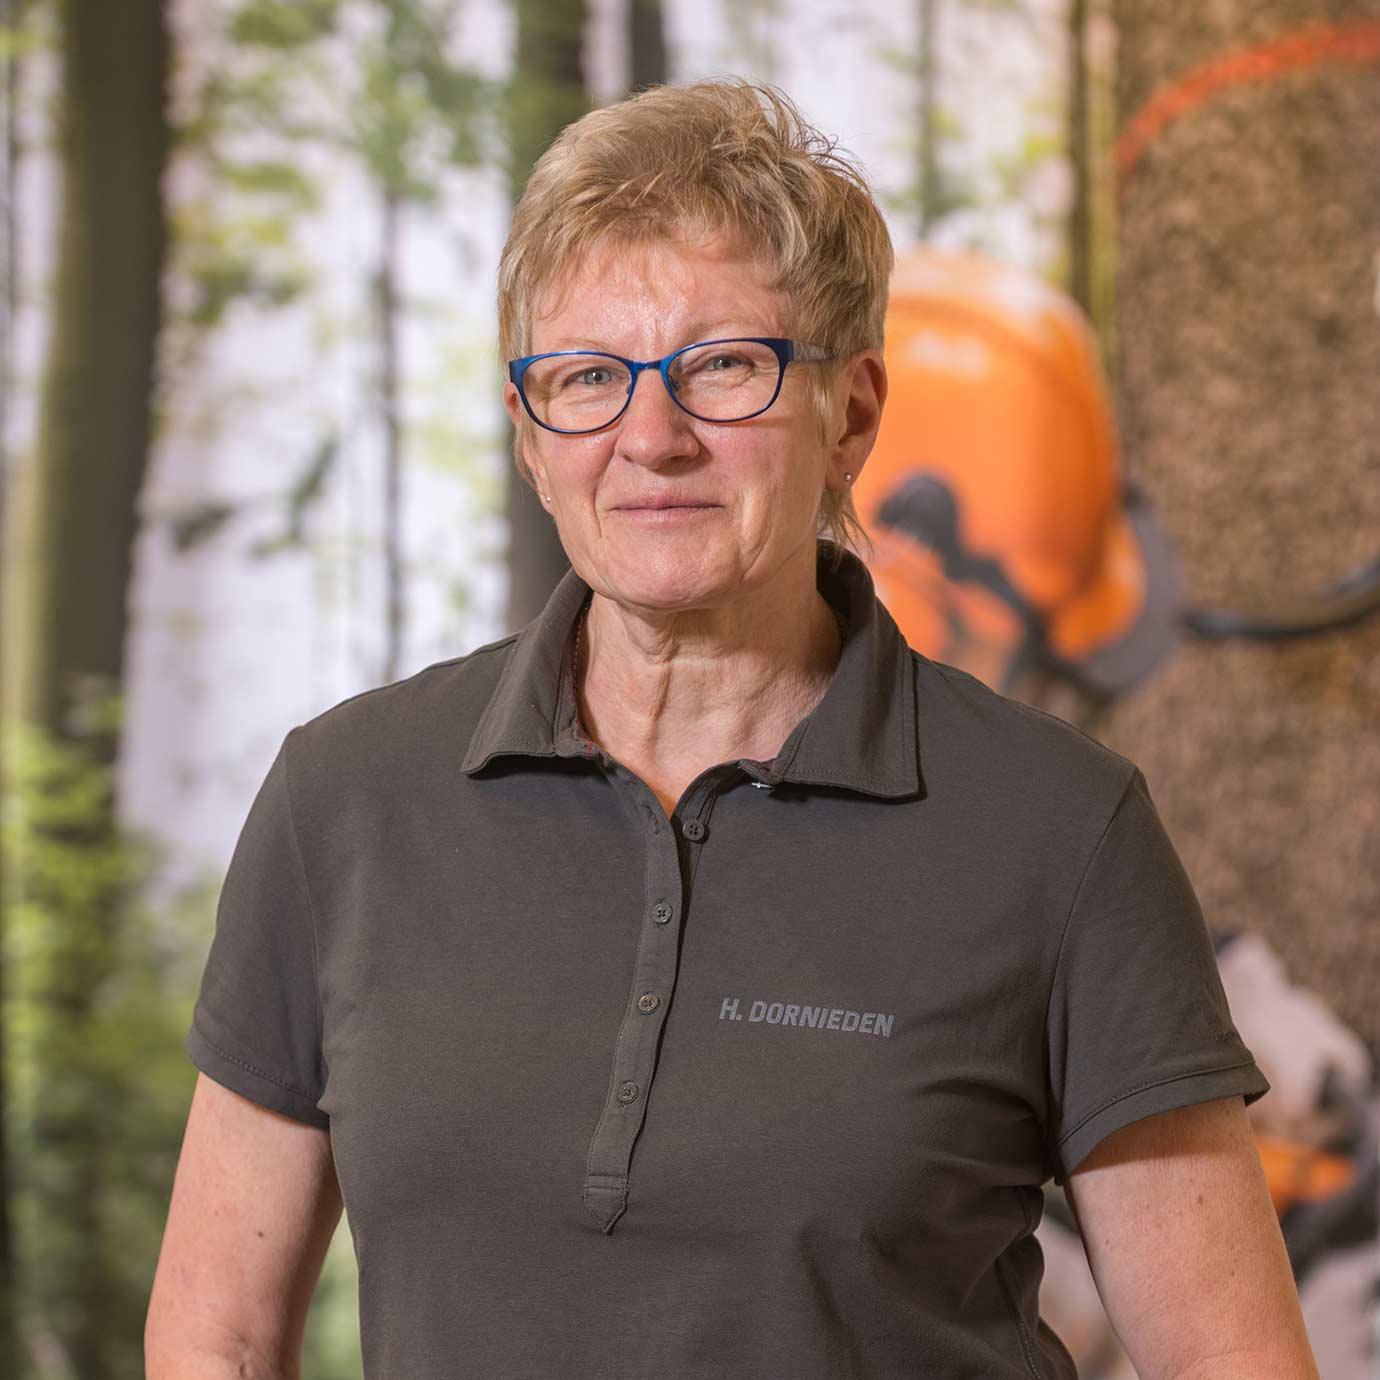 Mitarbeiterin Dornieden der Forst- und Gartenmarkt Uder GmbH